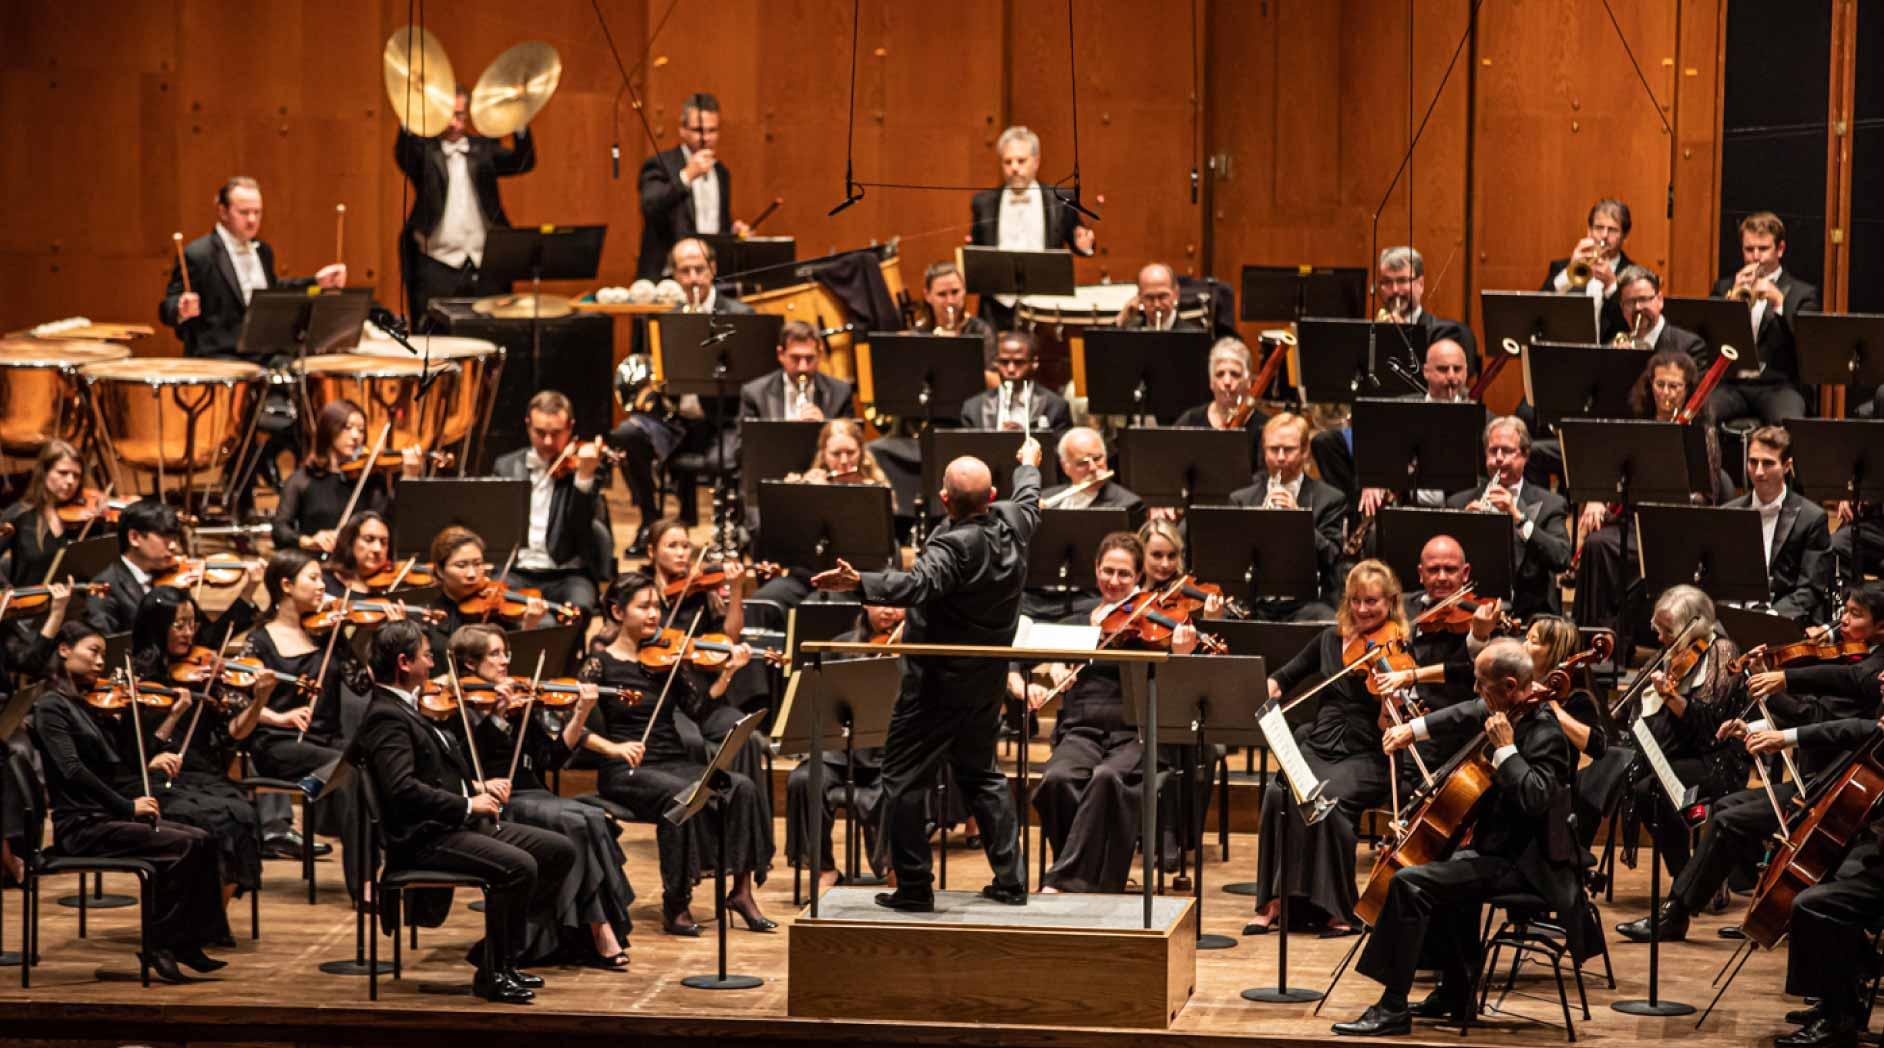 Music Director Jaap van Zweden conducts the New York Philharmonic